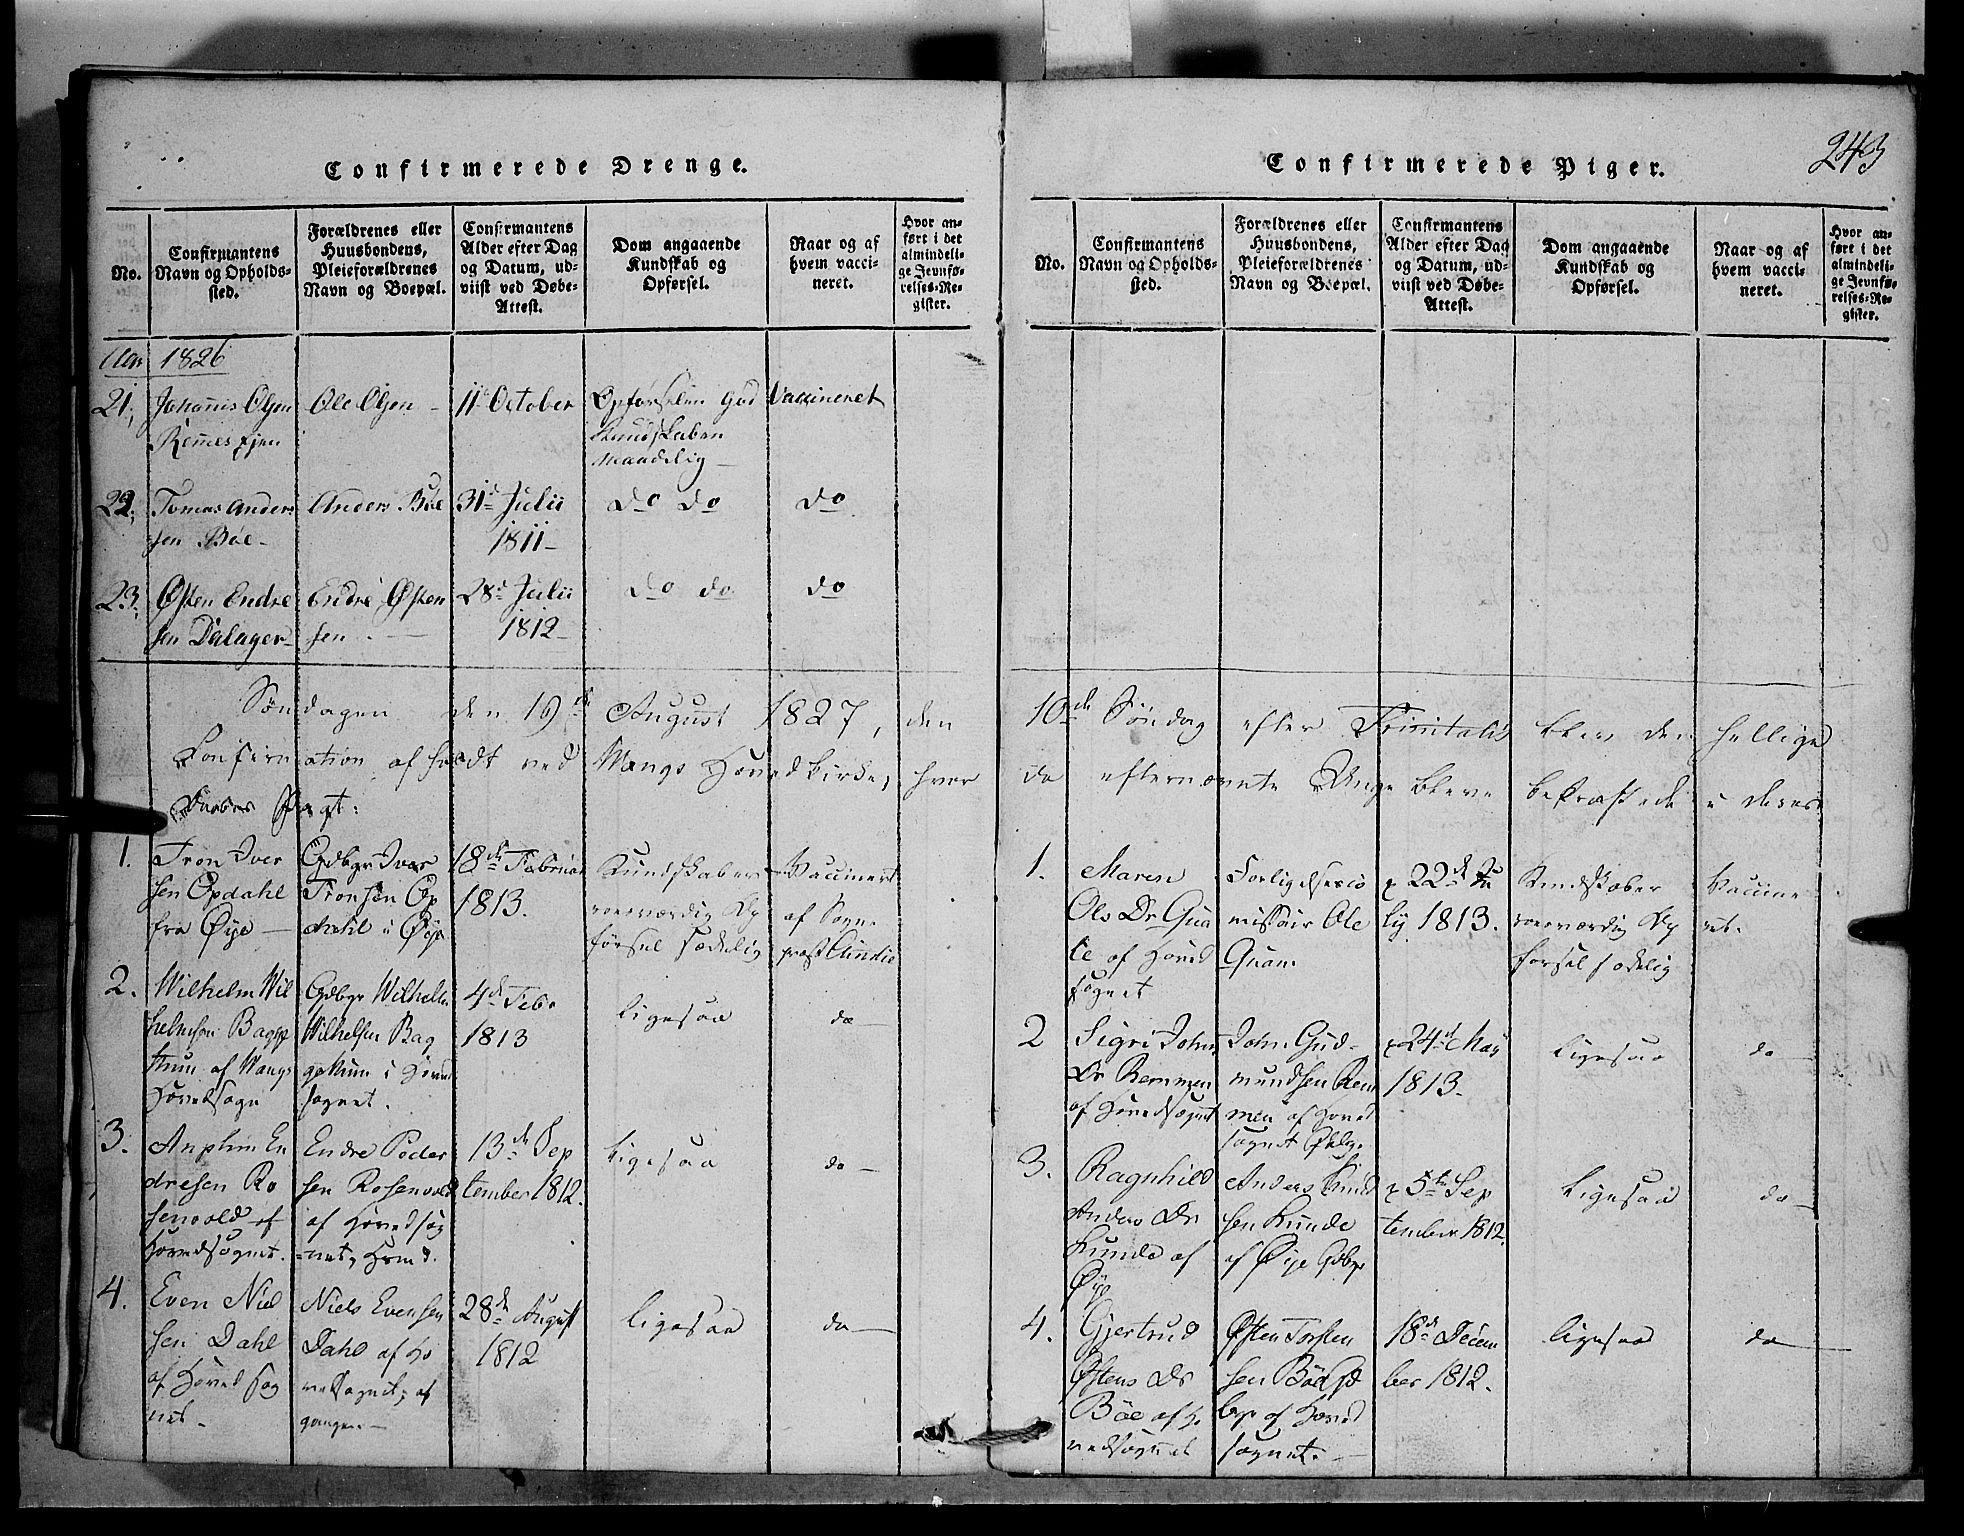 SAH, Vang prestekontor, Valdres, Klokkerbok nr. 1, 1814-1820, s. 243